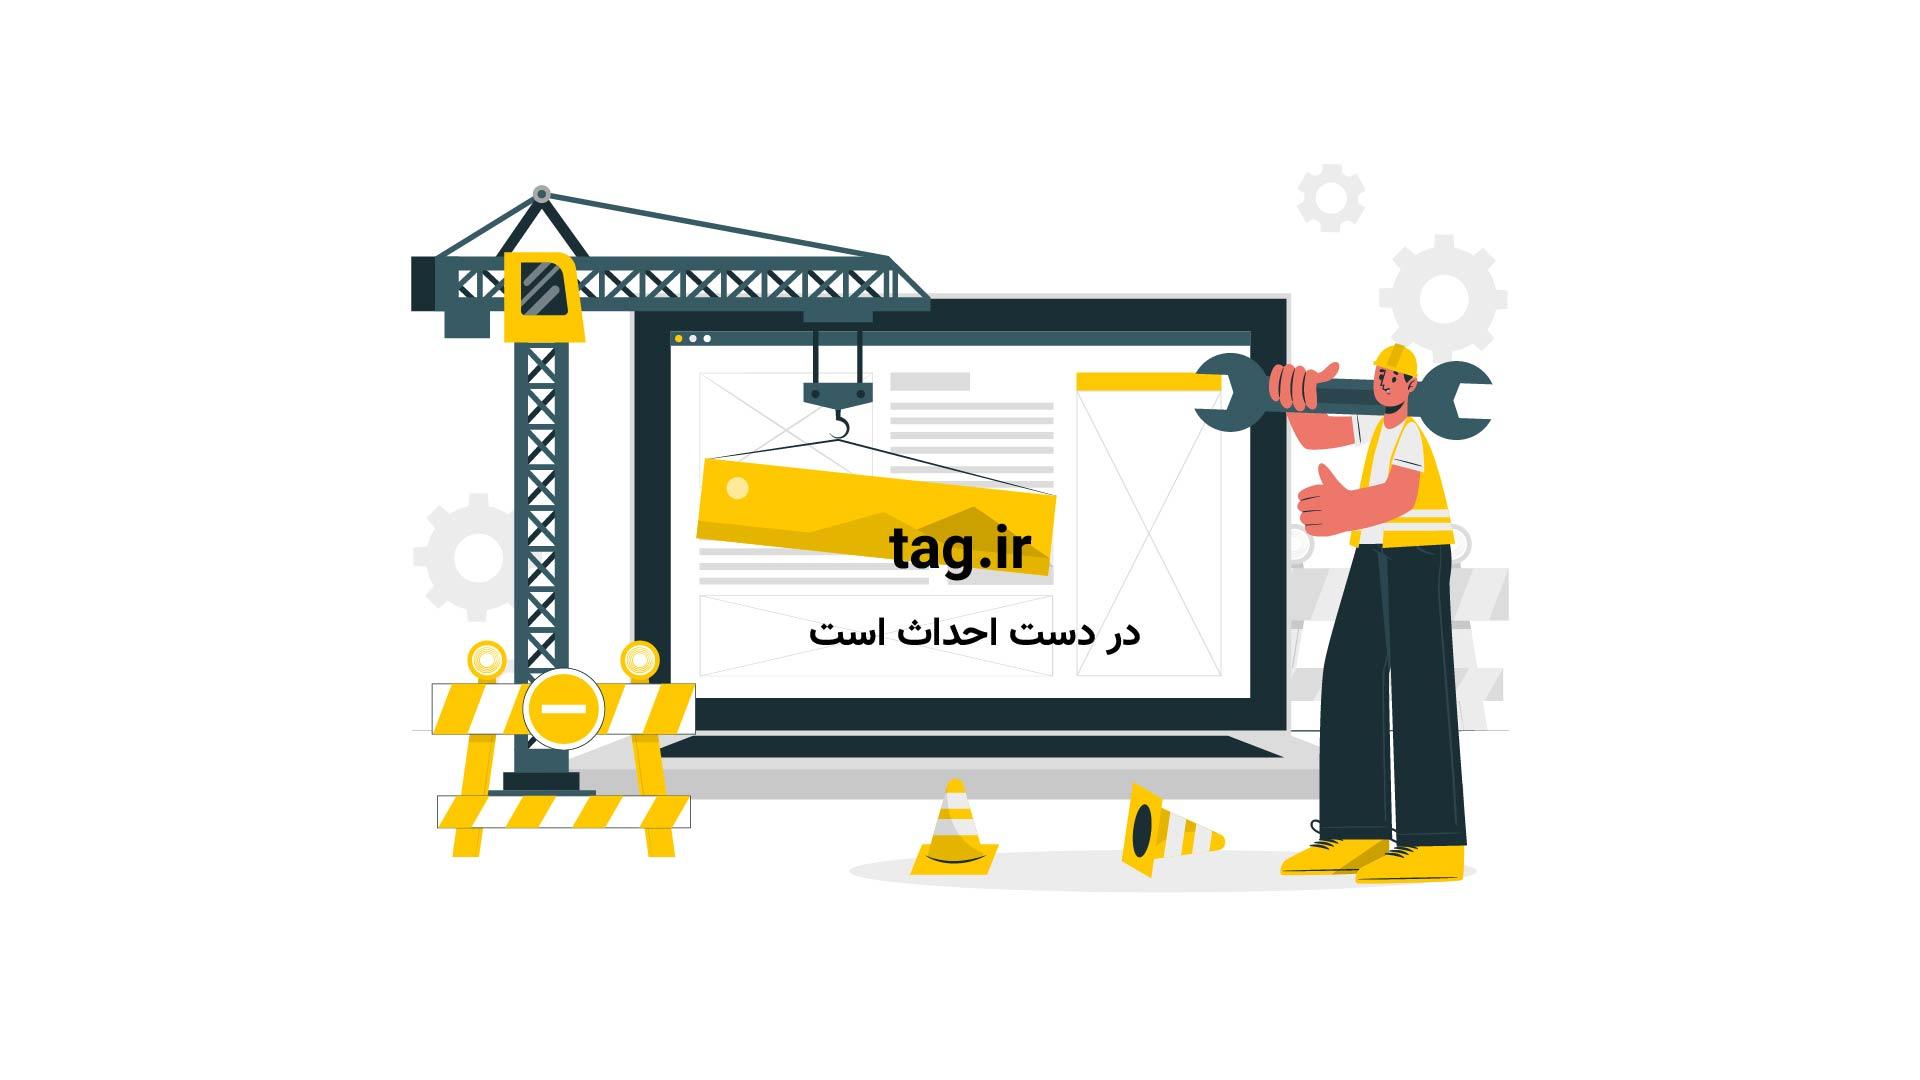 نقاشی سه بعدی ساعت مچی | تگ